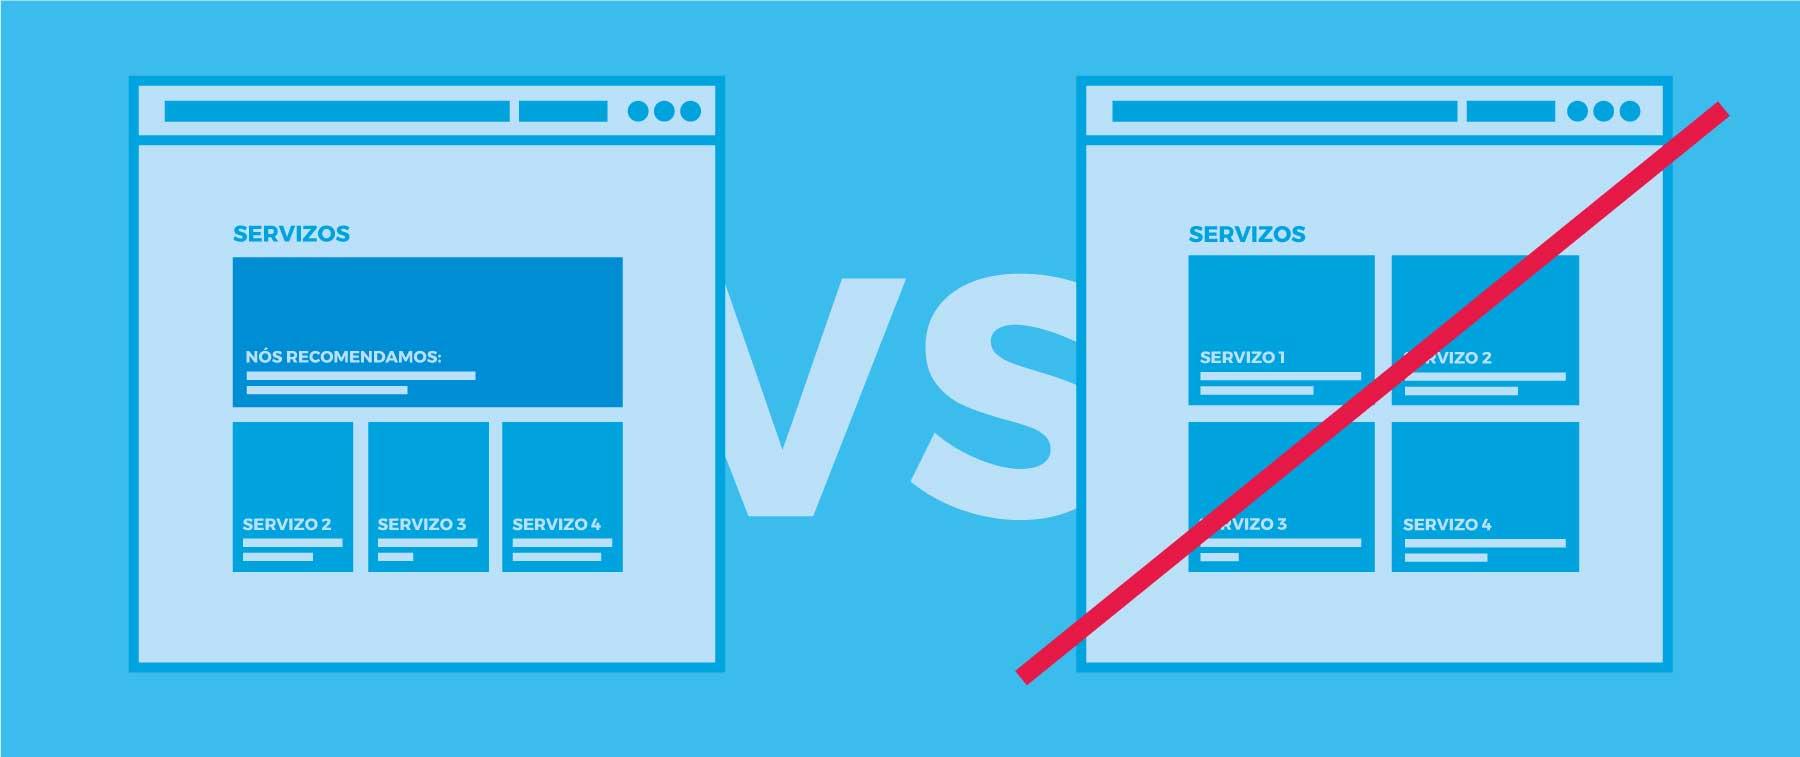 Estratexias de deseño web 5. Xerarquiza os teus produtos e servizos